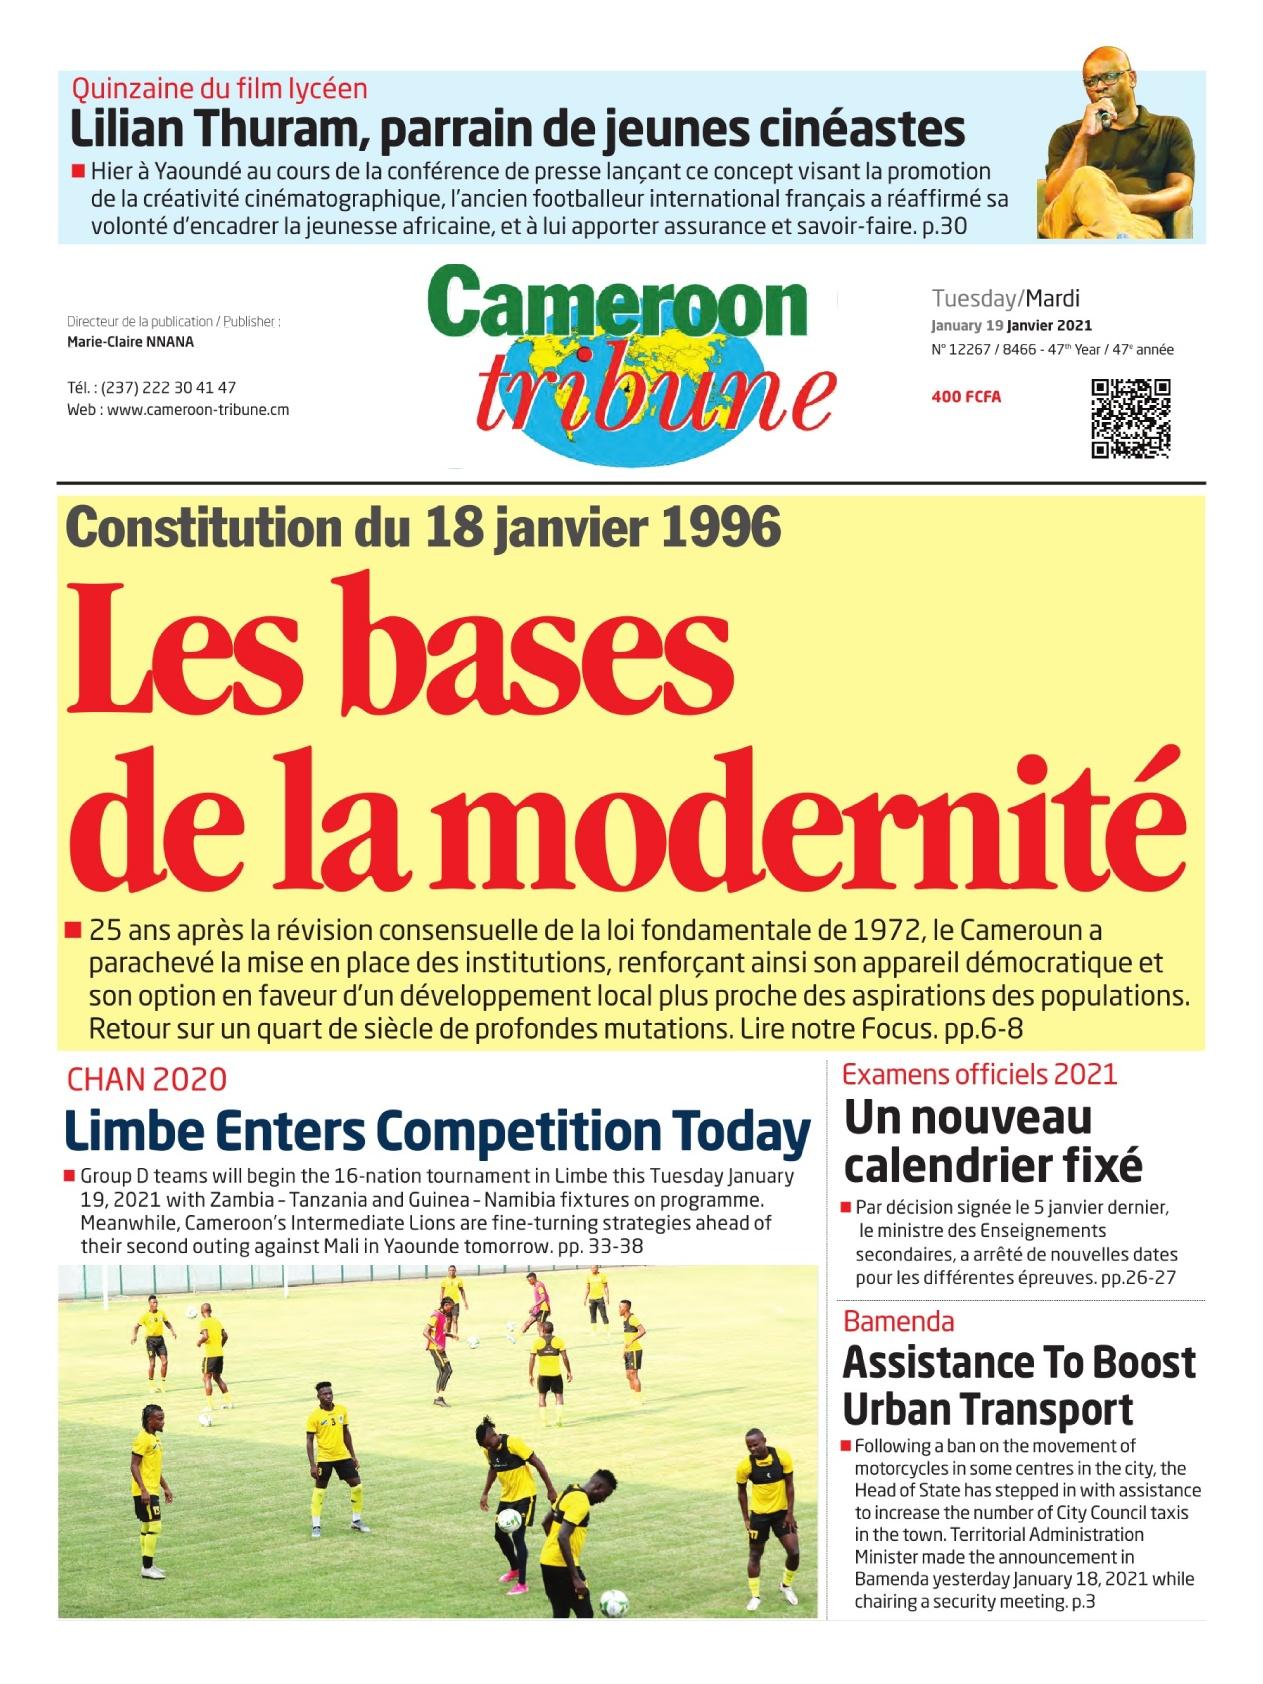 Cameroon Tribune - 19/01/2021